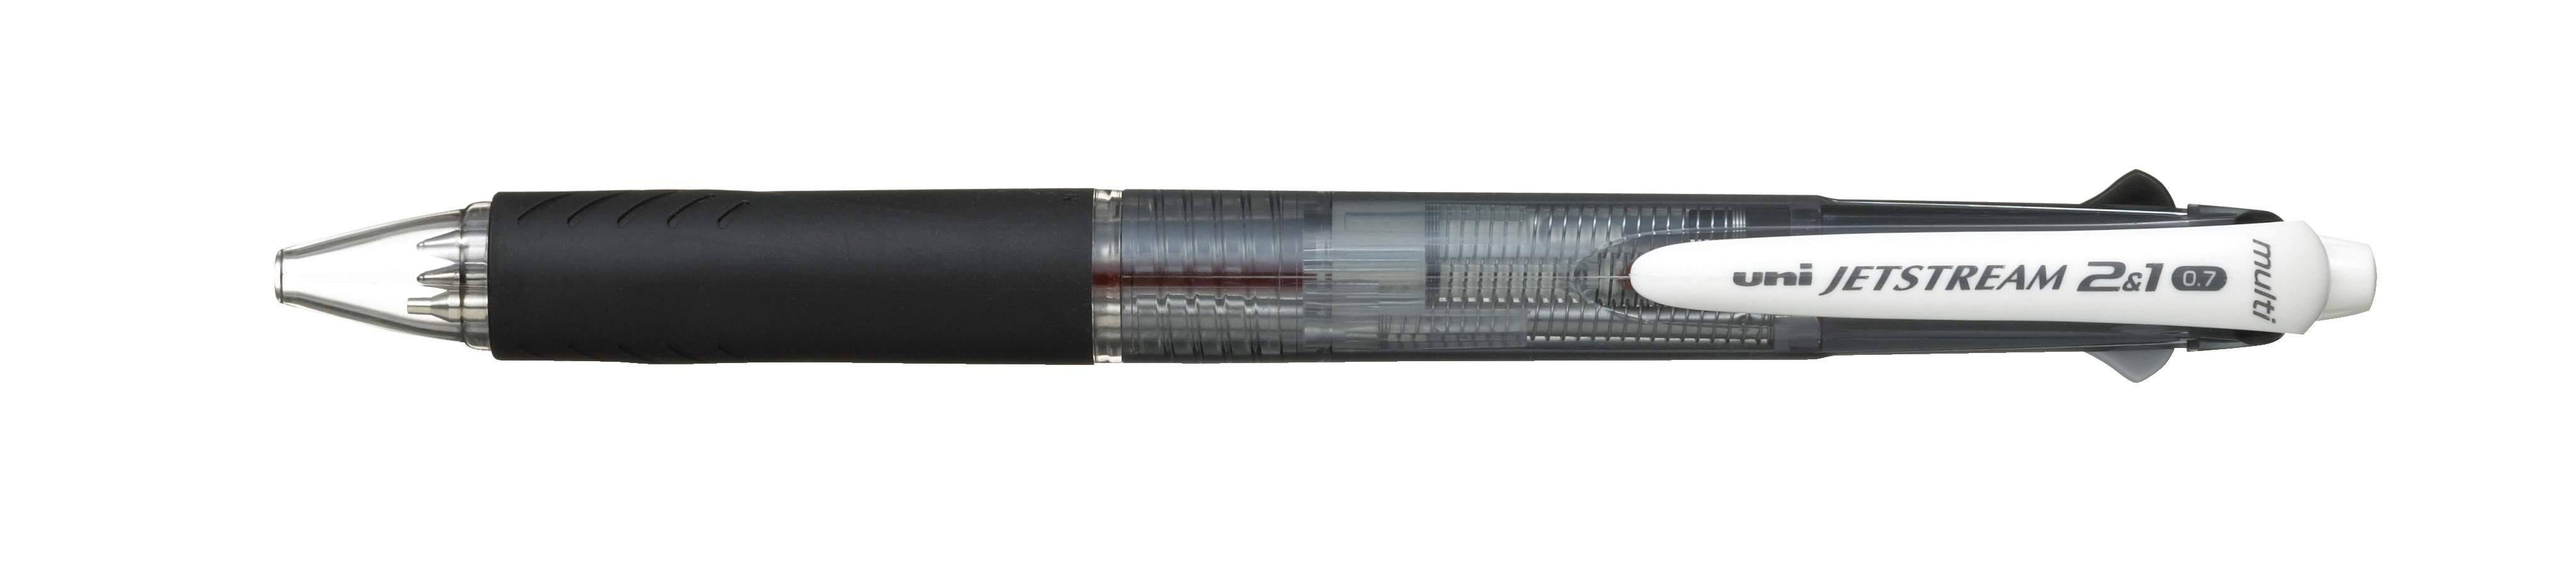 mtMSXE3-500-07.24